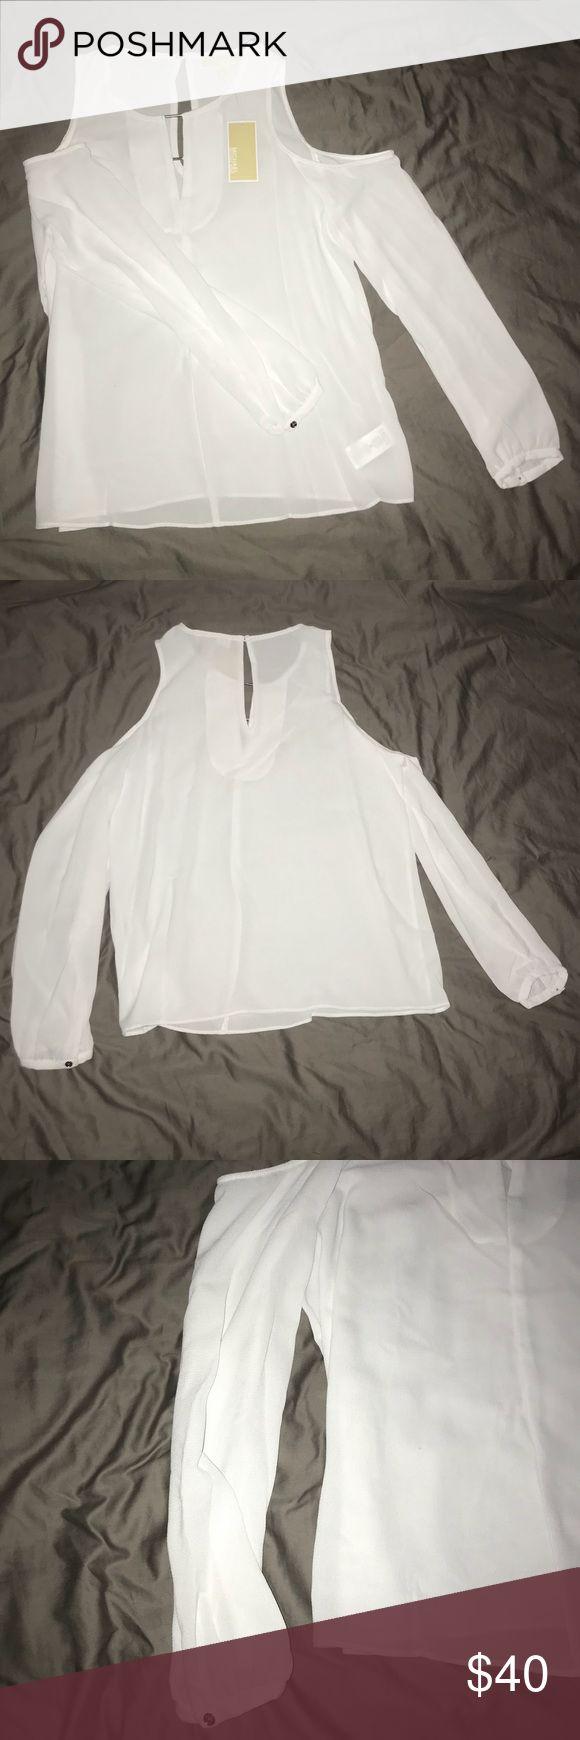 Michael Kors Women's Basics Shirt Size M NWT NWT Size M White 97% Polyester/3% Elastane Michael Kors Tops Blouses